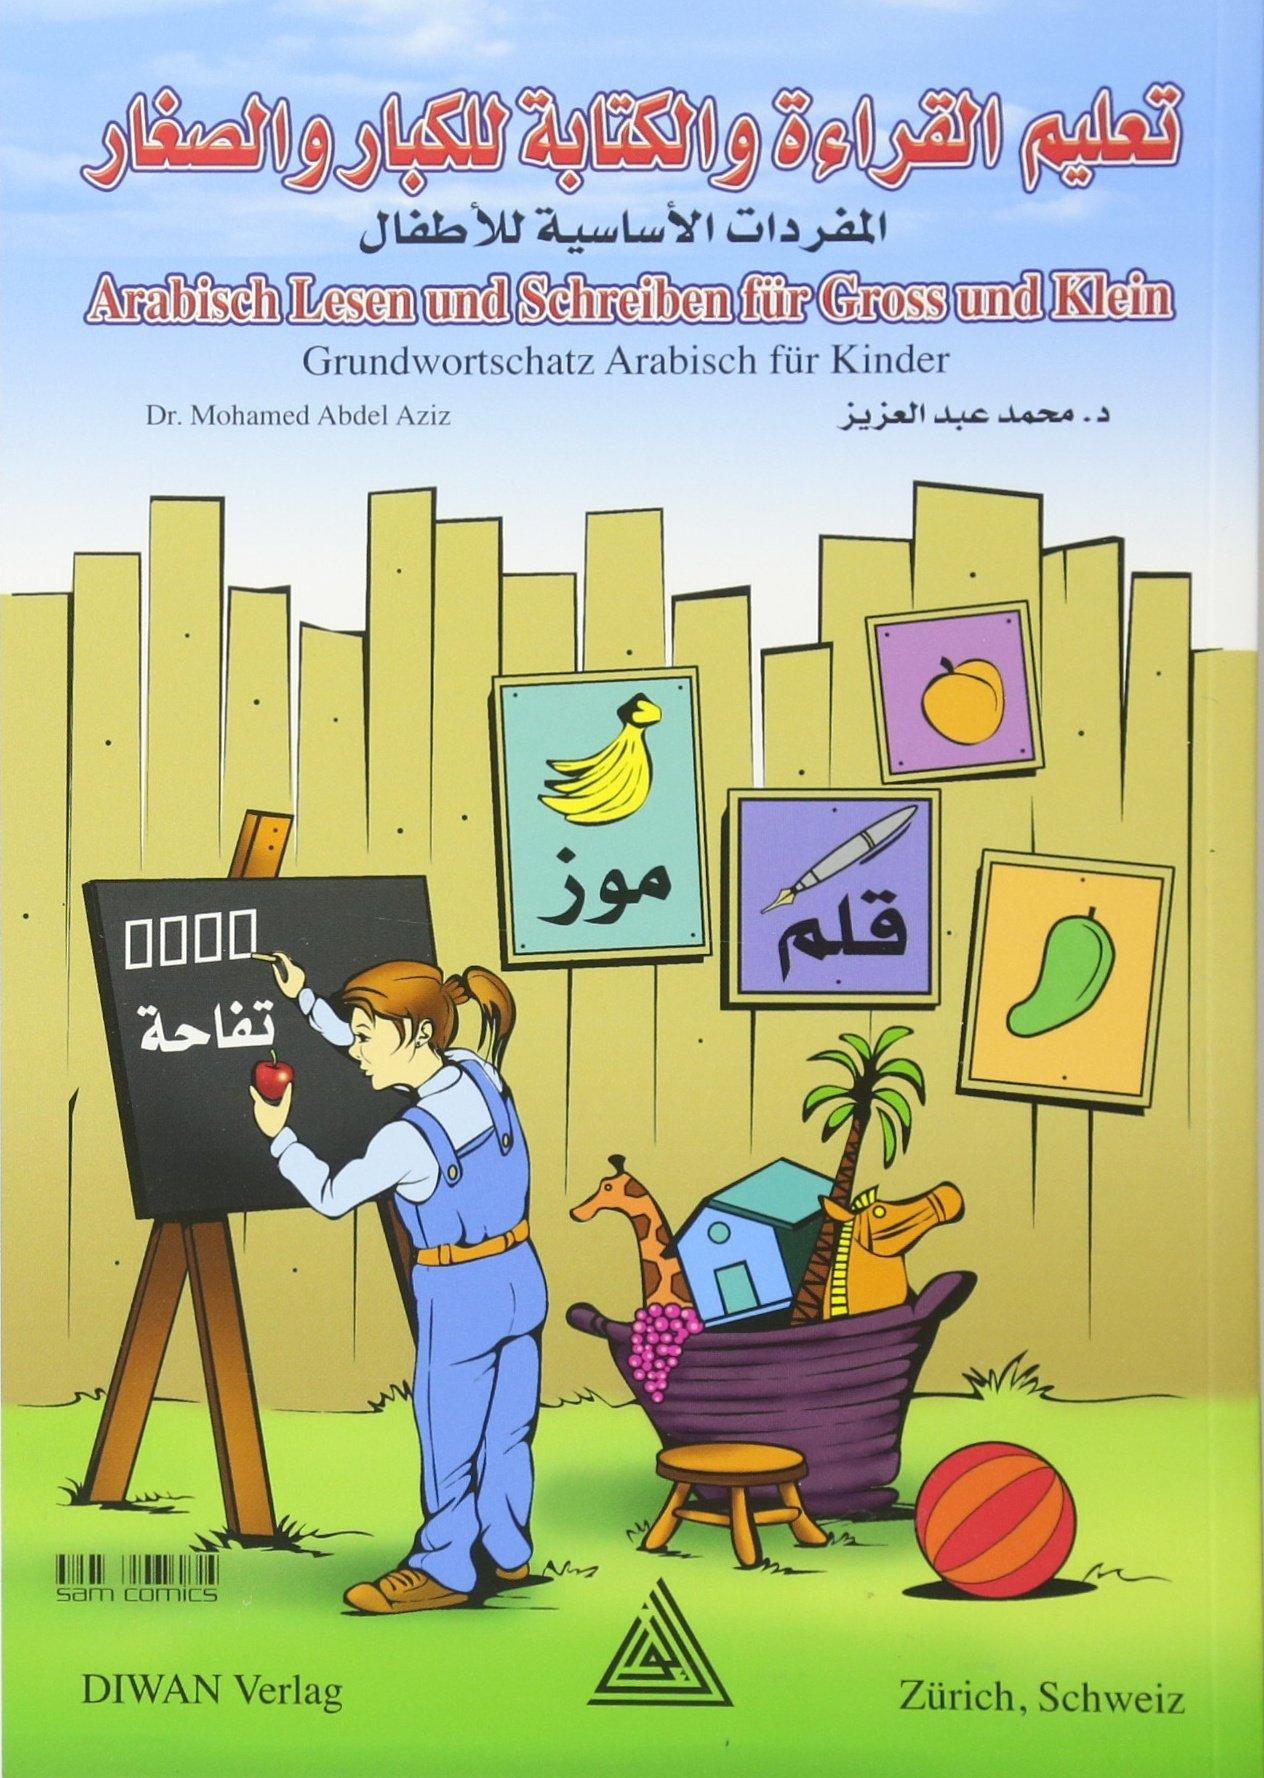 Arabisch Lesen Und Schreiben Für Gross Und Klein  Grundwortschatz Arabisch Für KinderVokabelverzeichnis   Deutsch – Phonetisch   Arabisch